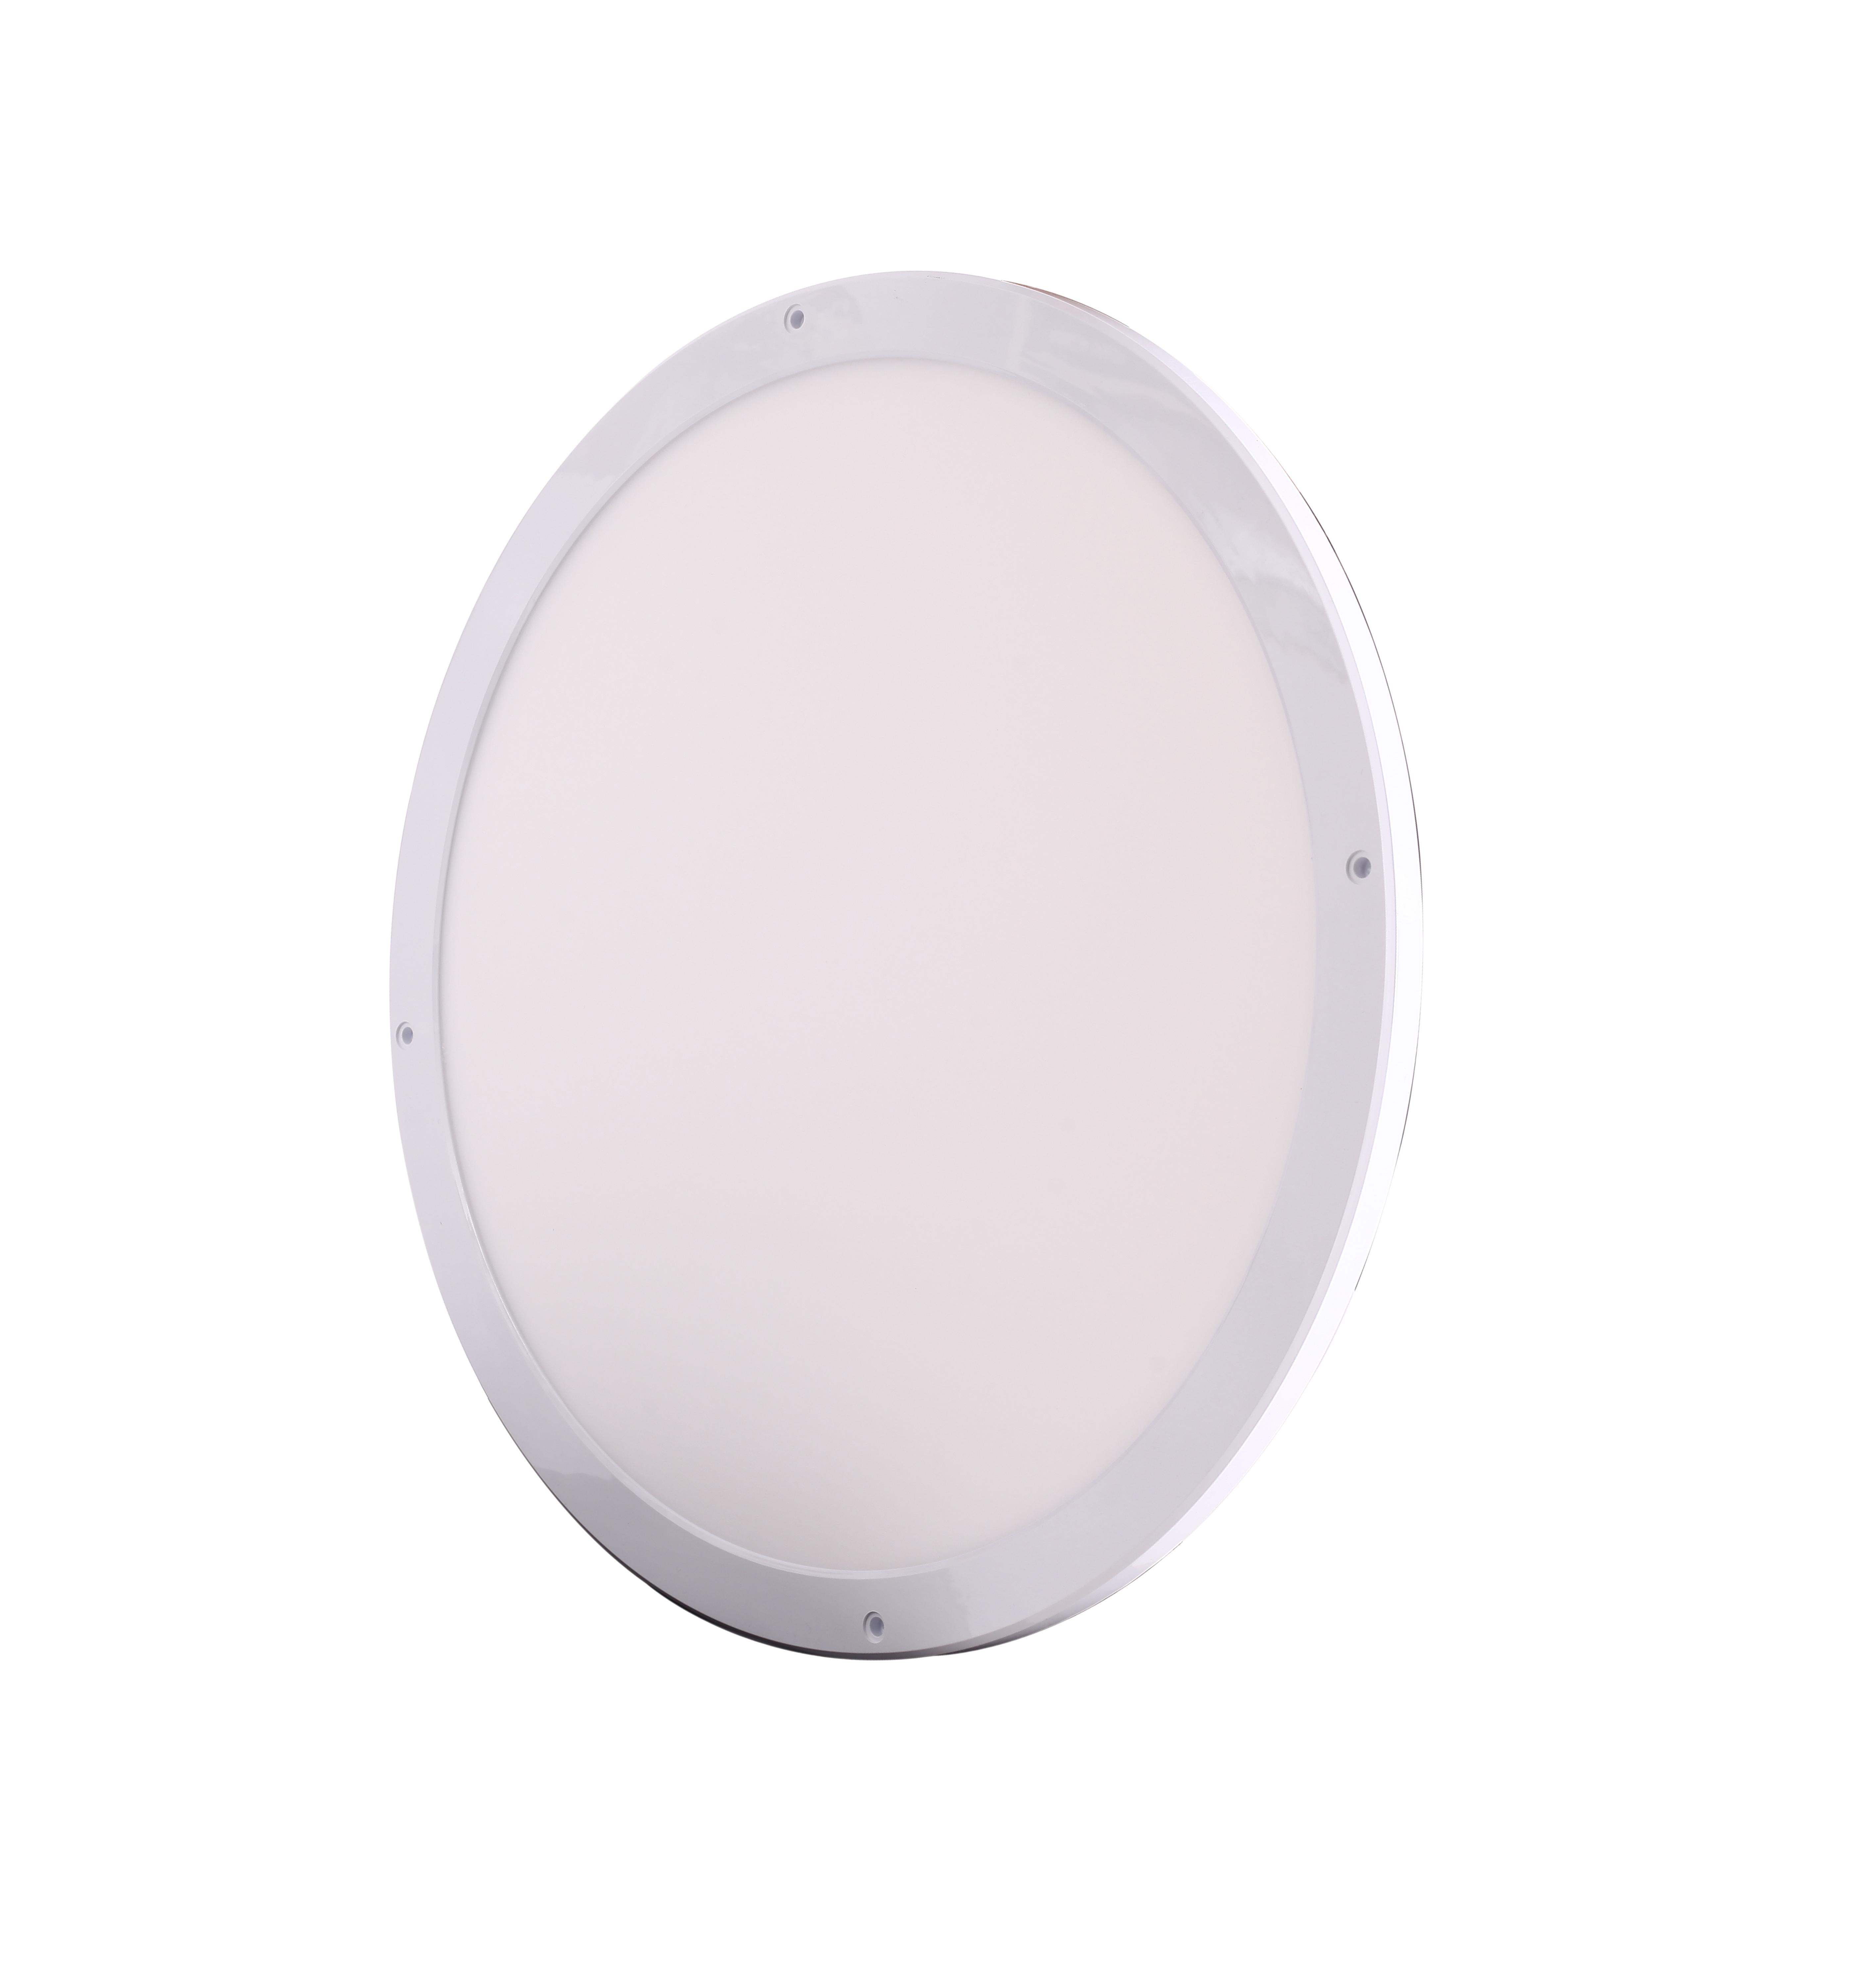 直径450mm明装圆形面板灯